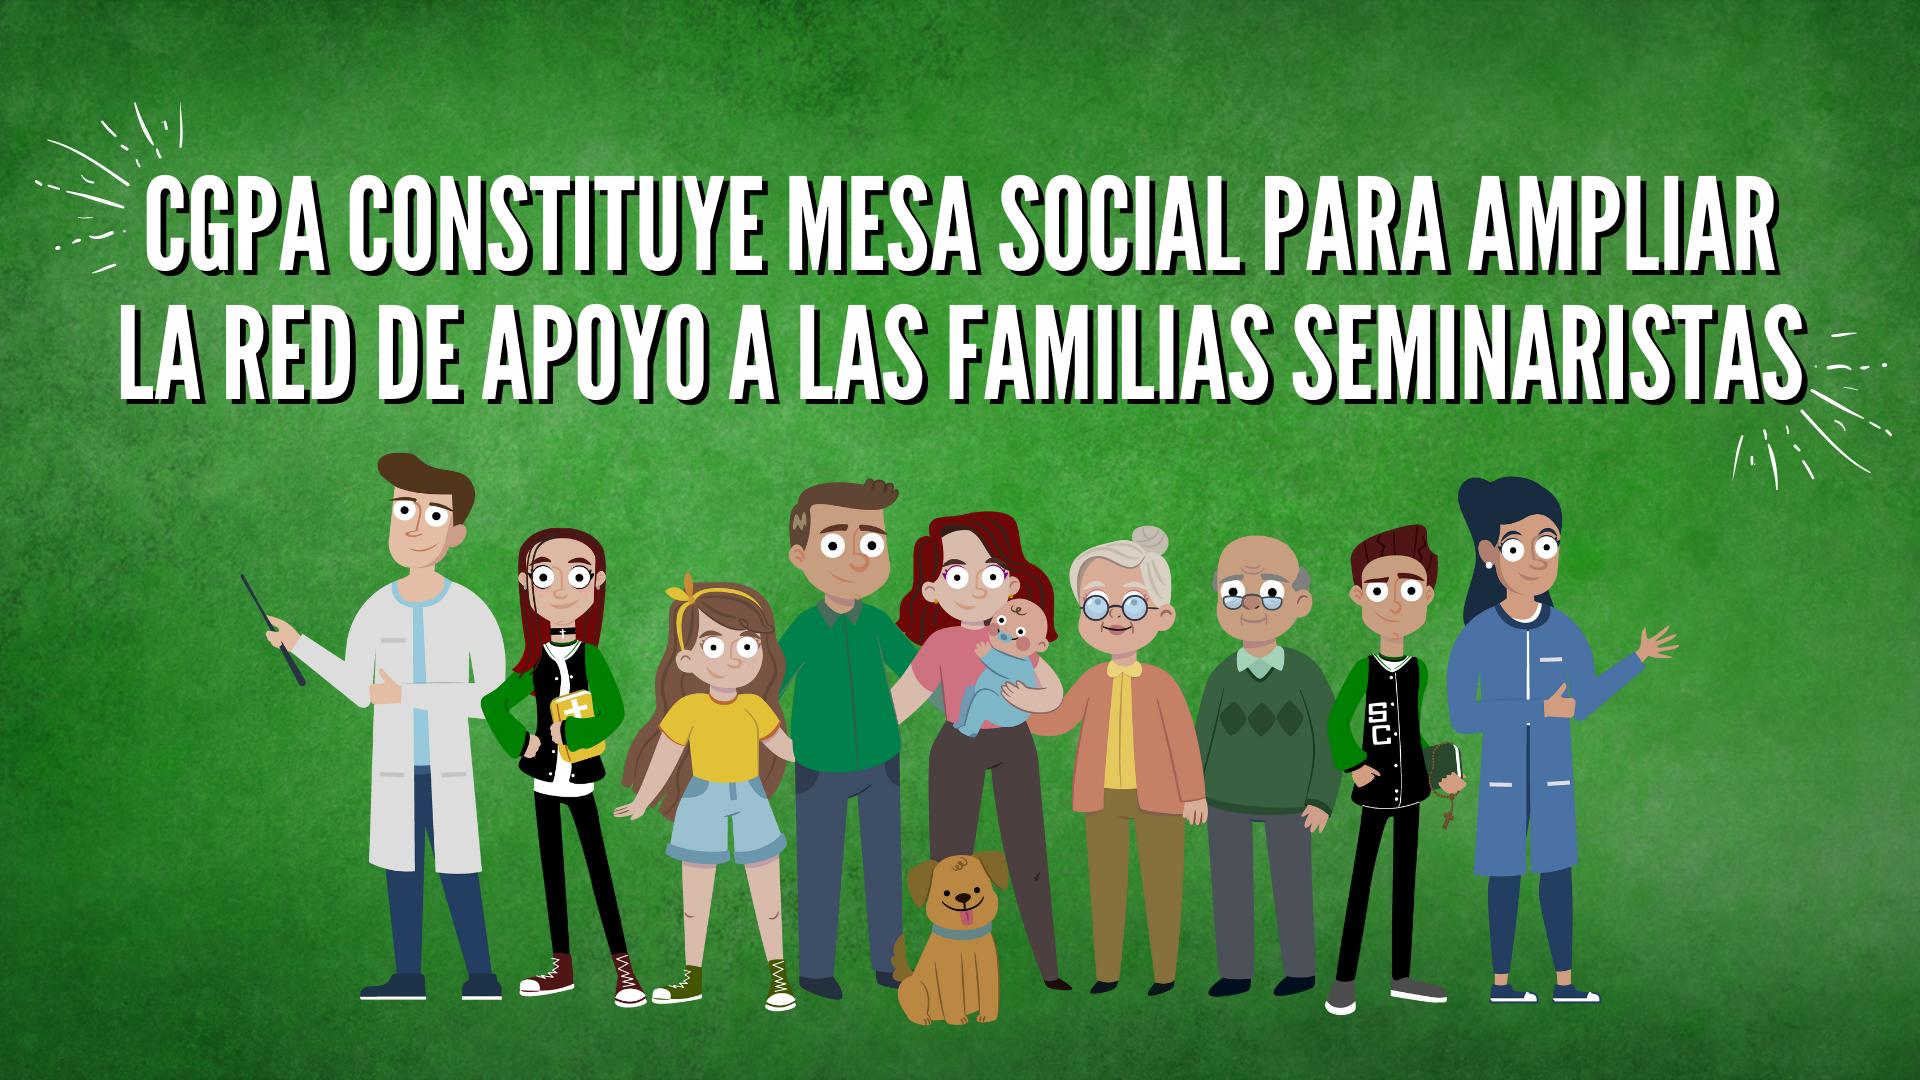 CGPA CONSTITUYE MESA SOCIAL PARA AMPLIAR LA RED DE APOYO A LAS FAMILIAS SEMINARISTAS